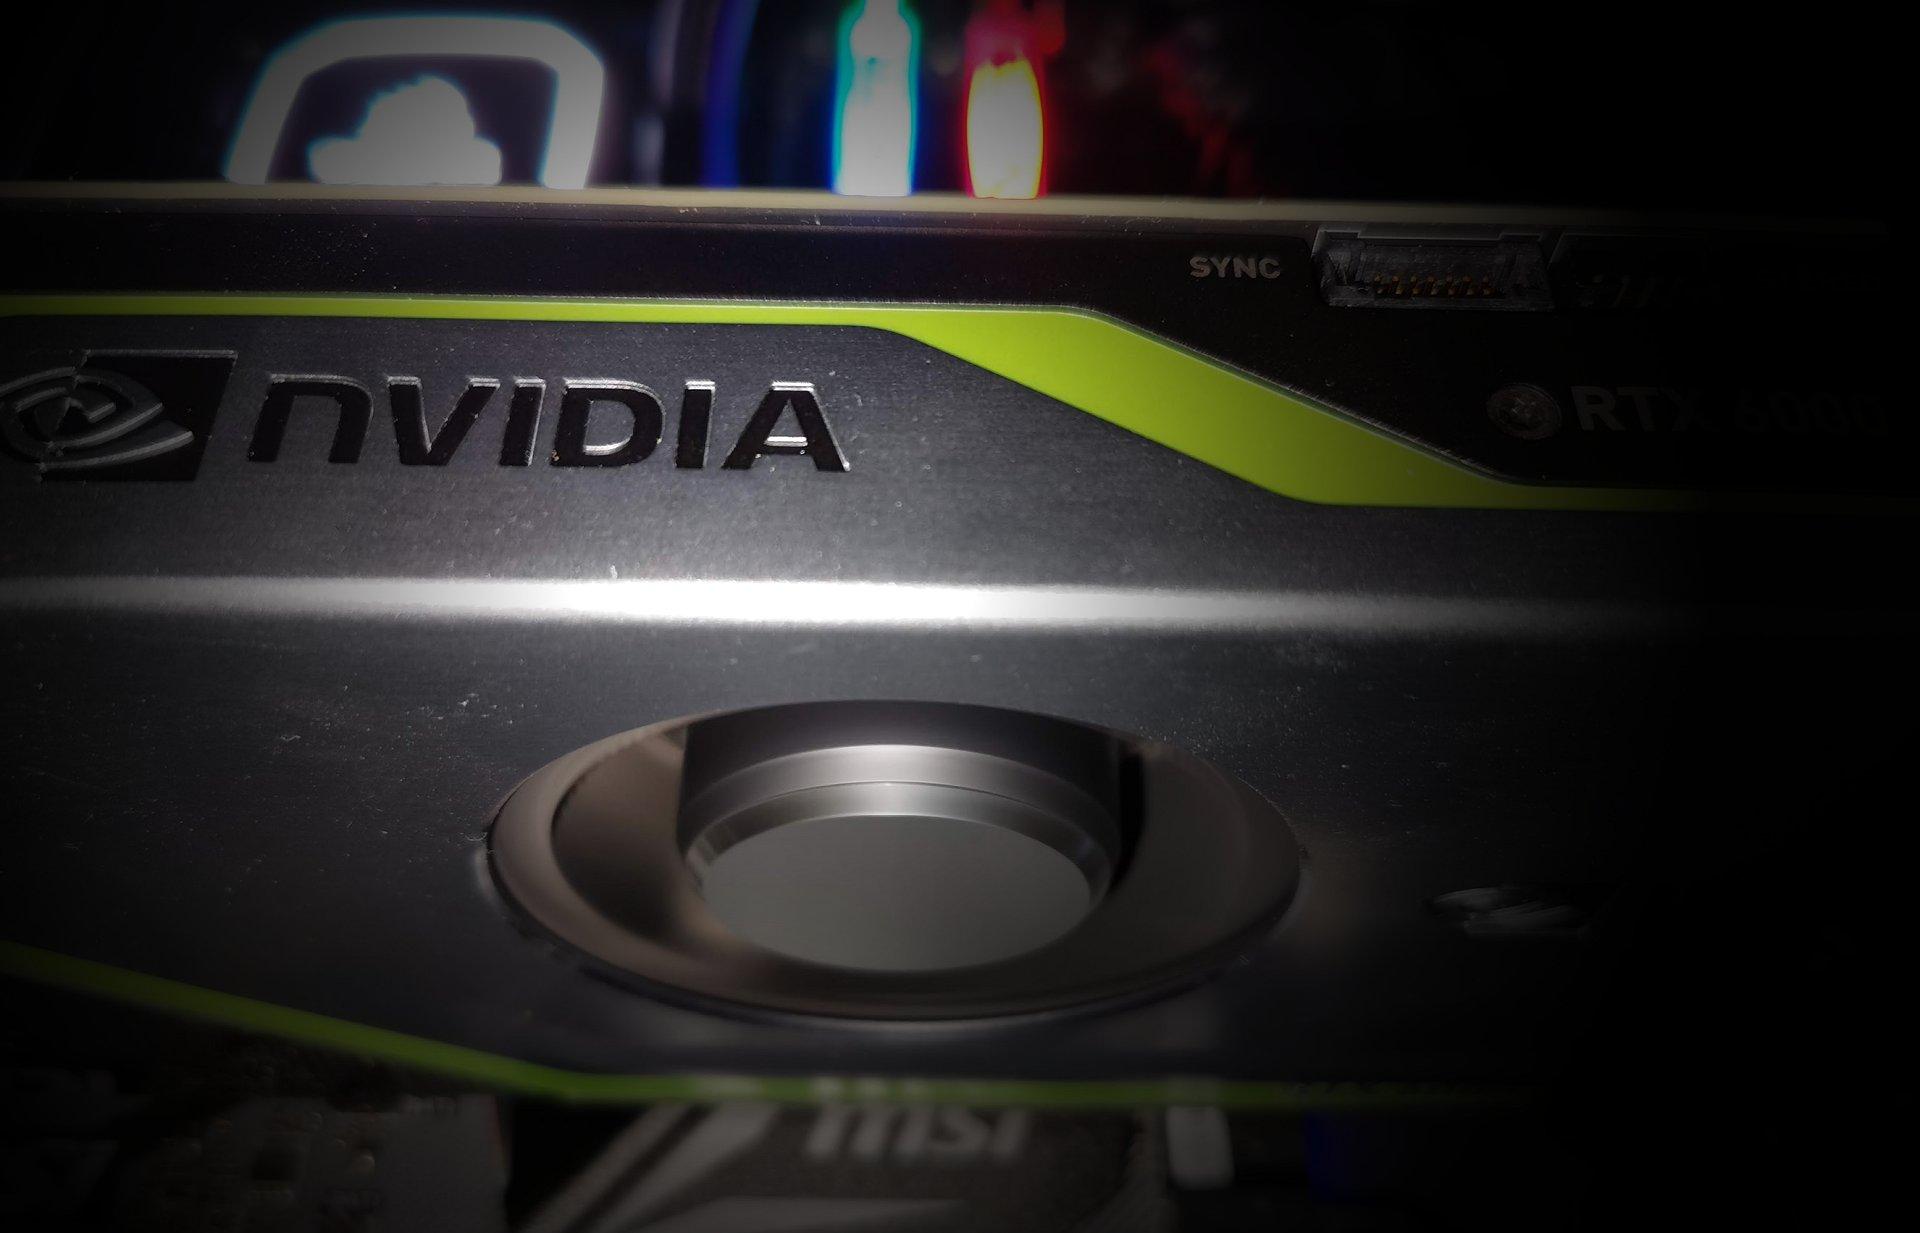 NVIDIA Quadro RTX (Ampere) mit vollausgebautem GA102-Grafikprozessor und 48 GB GDDR6-Speicher gesichtet